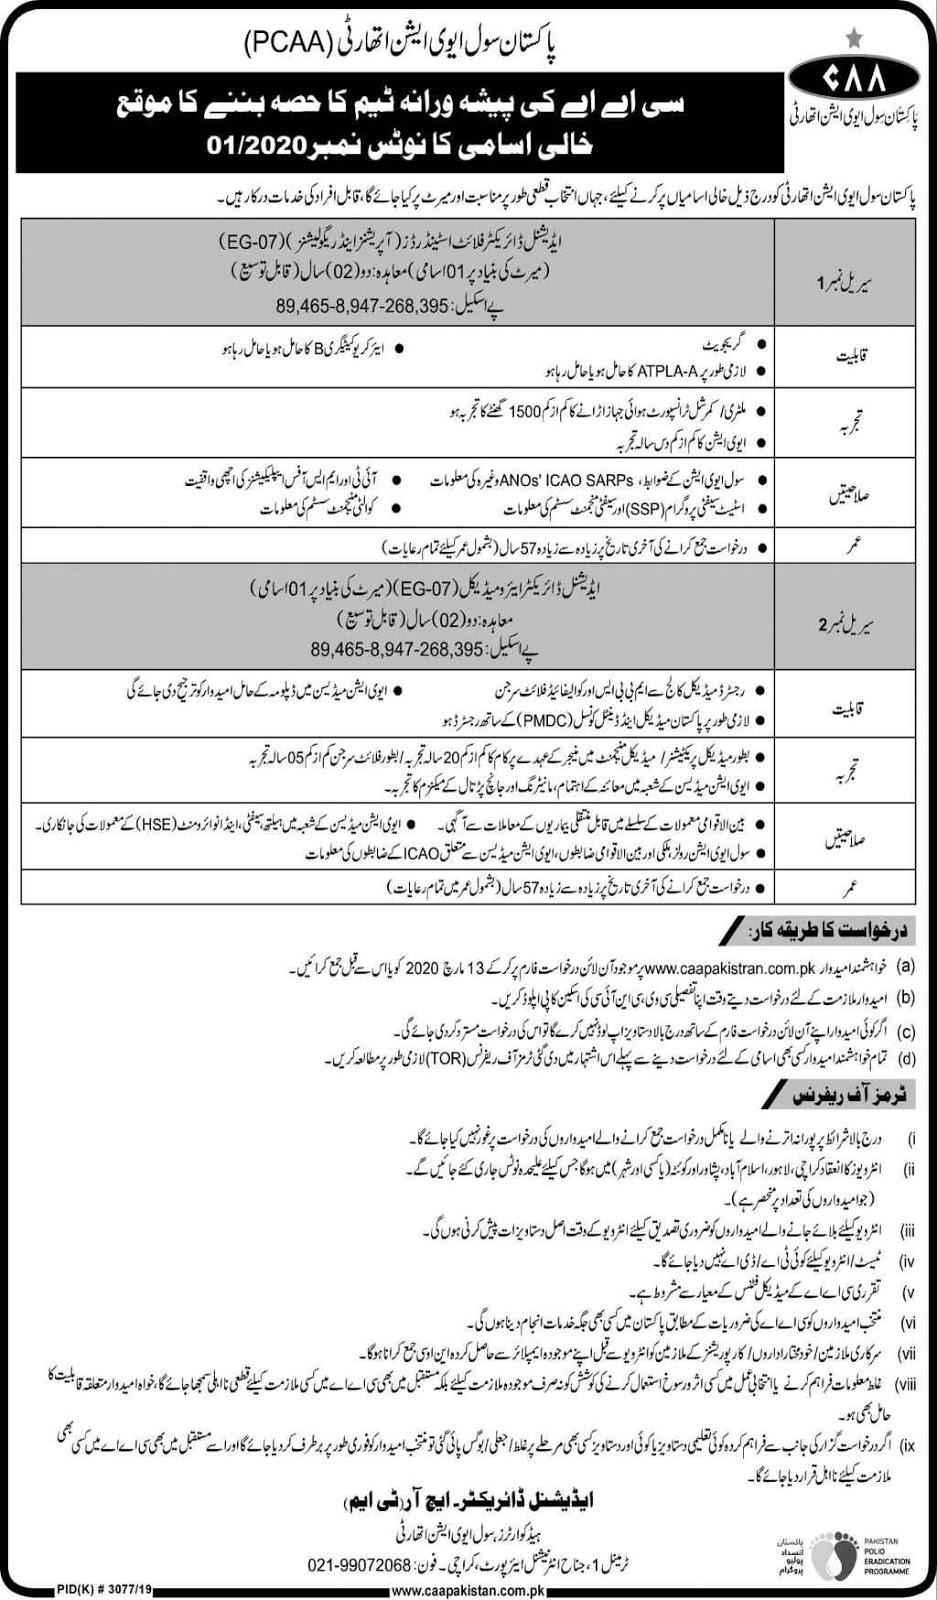 Salary Starts from 89,465/- in Pakistan Civil Aviation Authority PCAA Karachi Jobs 2020